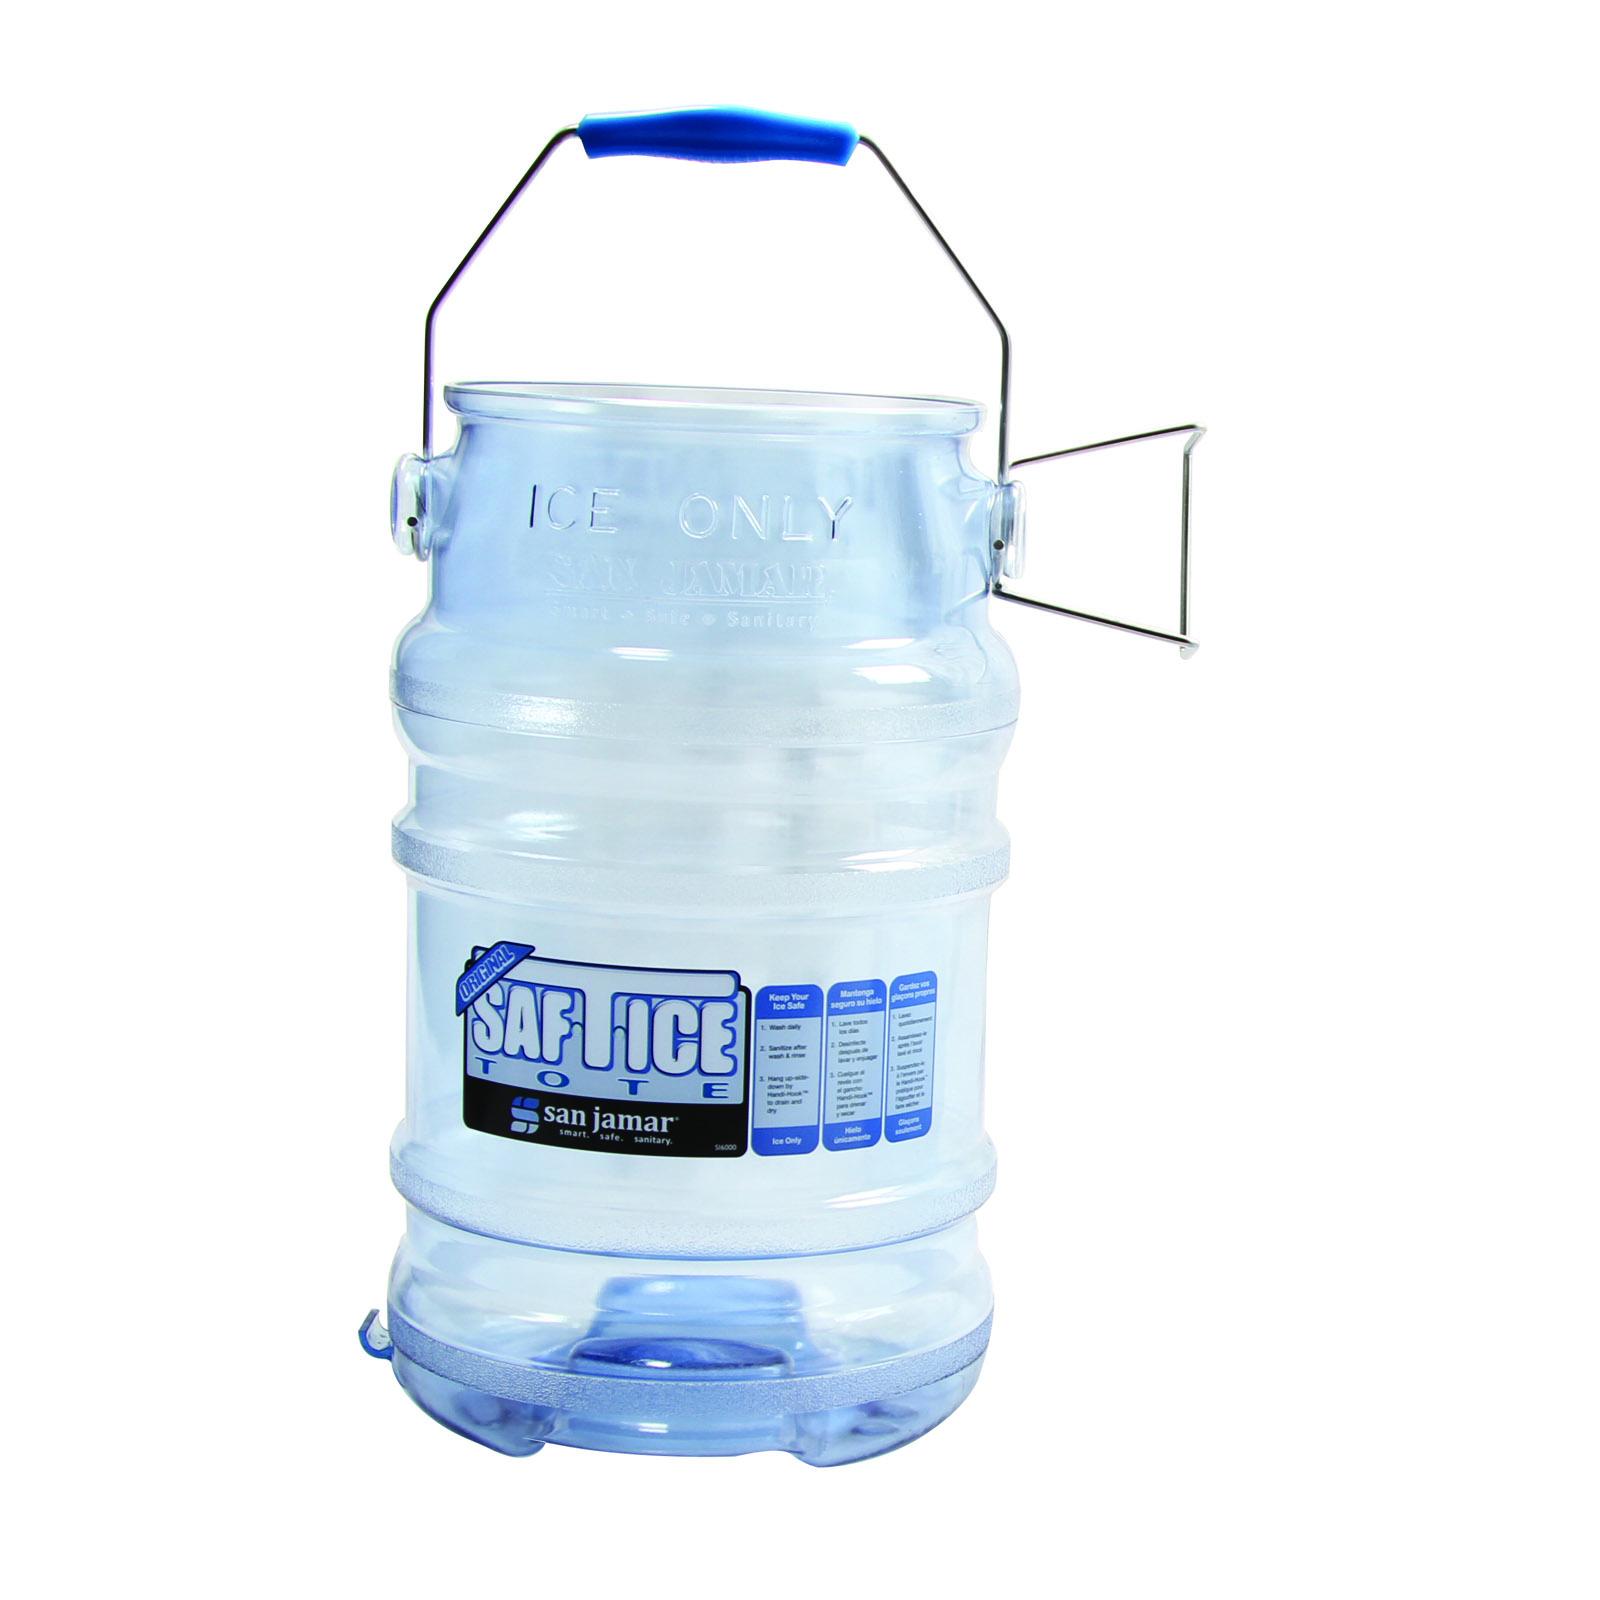 San Jamar SI6000 ice tote